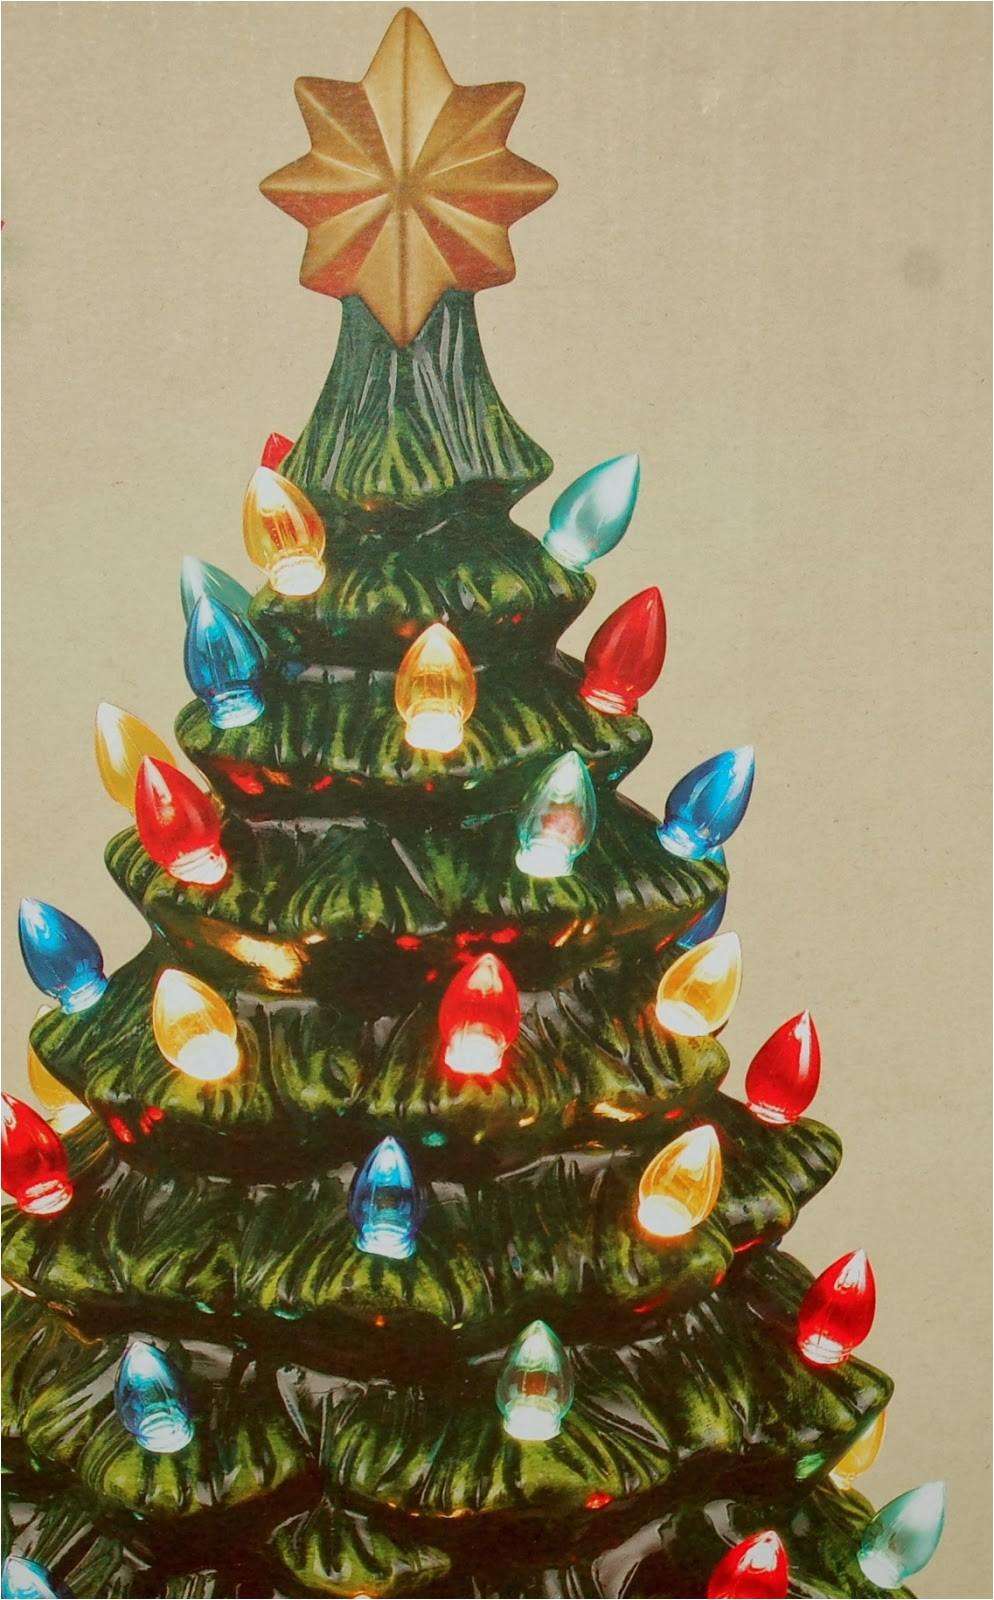 Cracker Barrel Ceramic Christmas Tree Nanaland October 2013